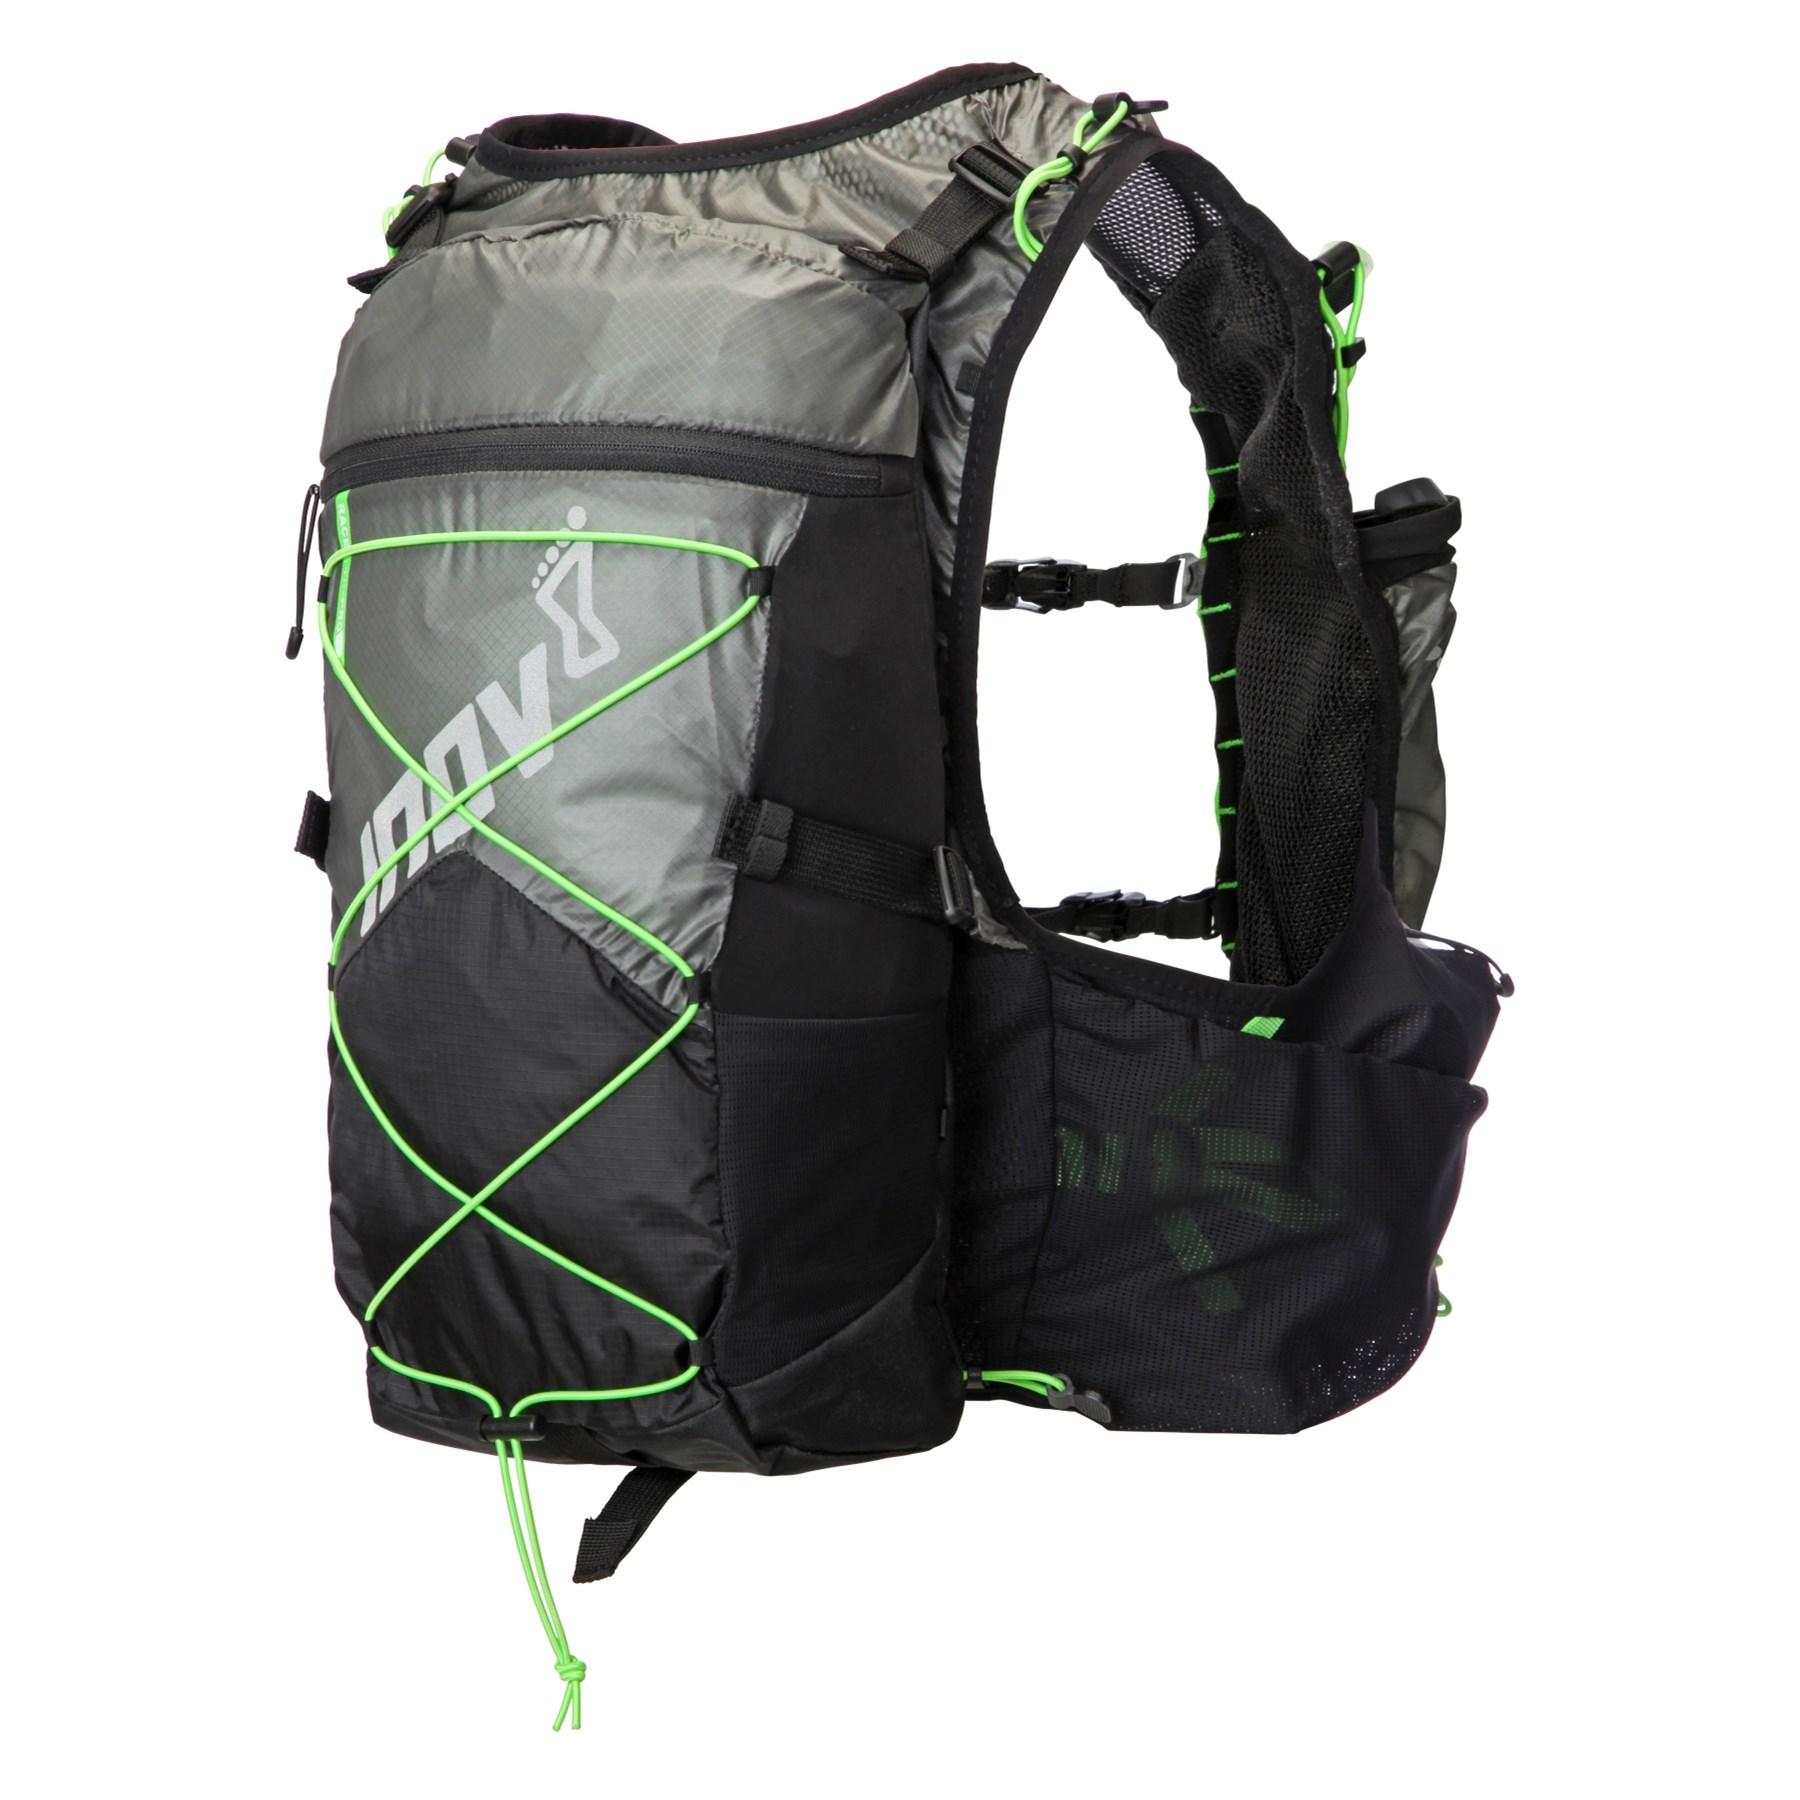 7262c76cc1 Inov-8 Race Ultra Pro 2 in 1 Vest   Black / Green